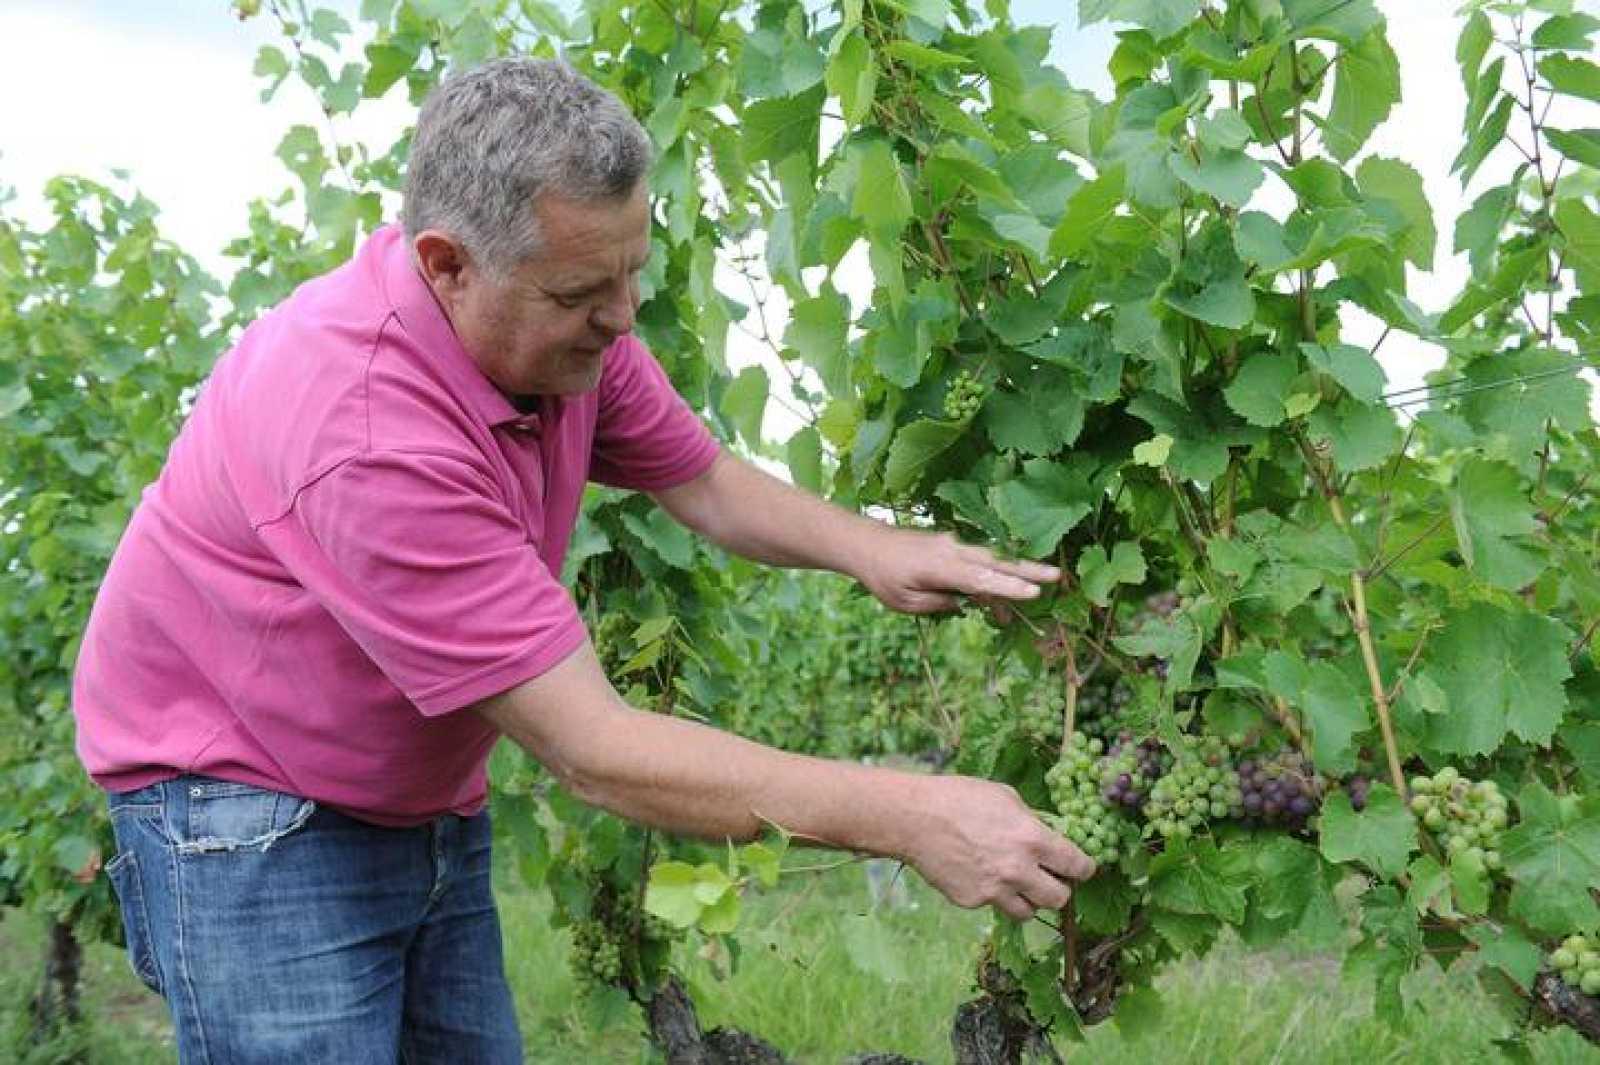 Agricultor francés revisa su cosecha de uva a pocos días de empezar la vendimia